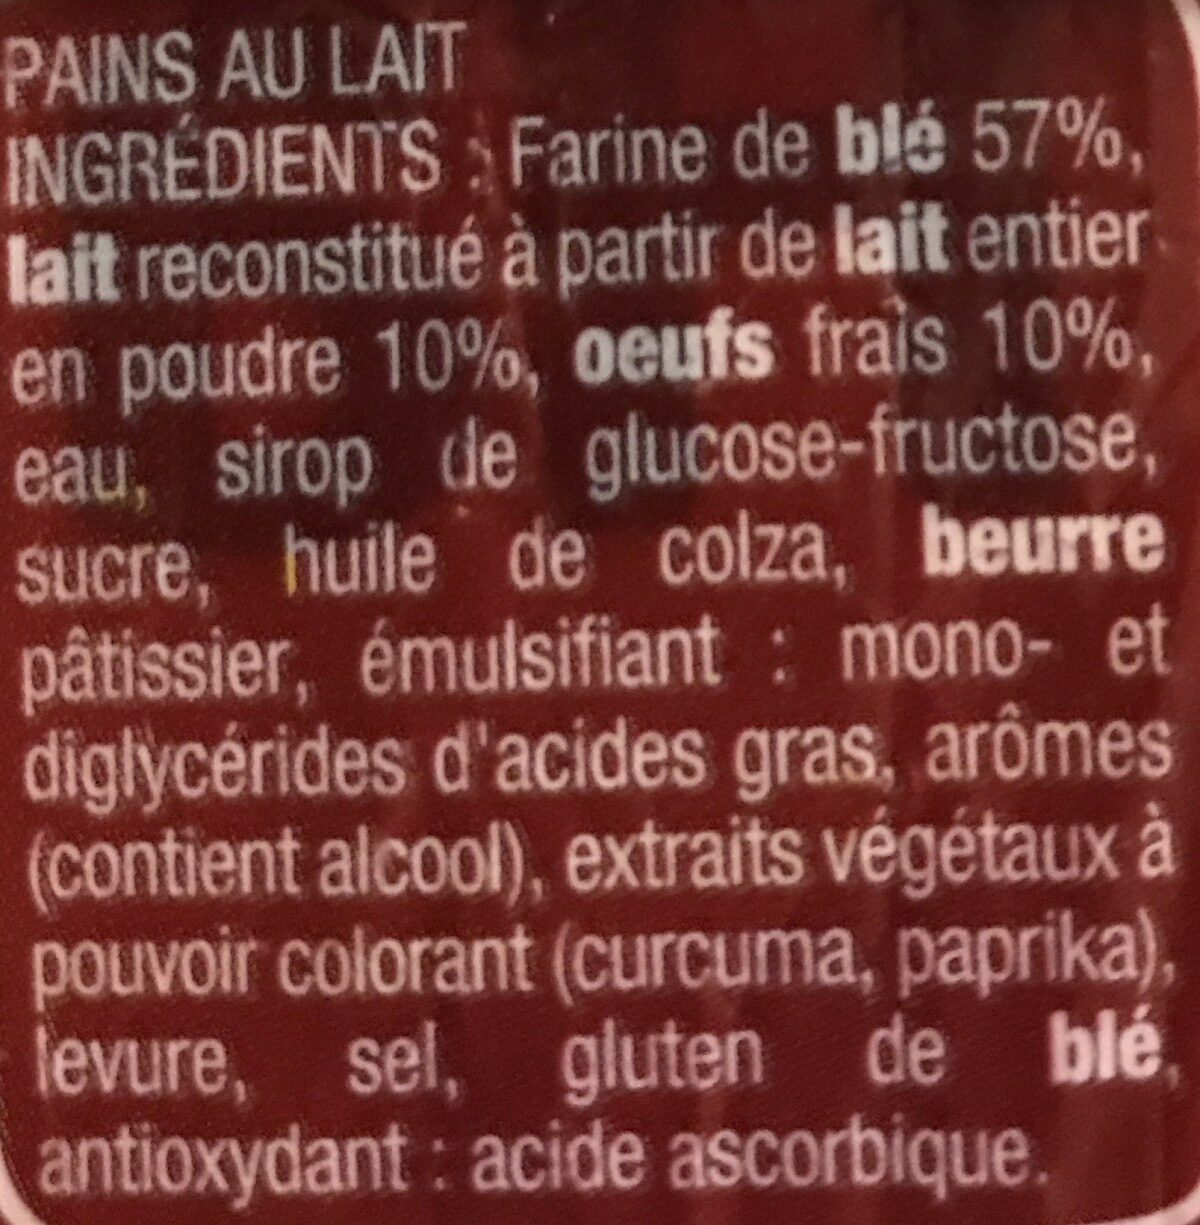 Pains au lait - Ingrediënten